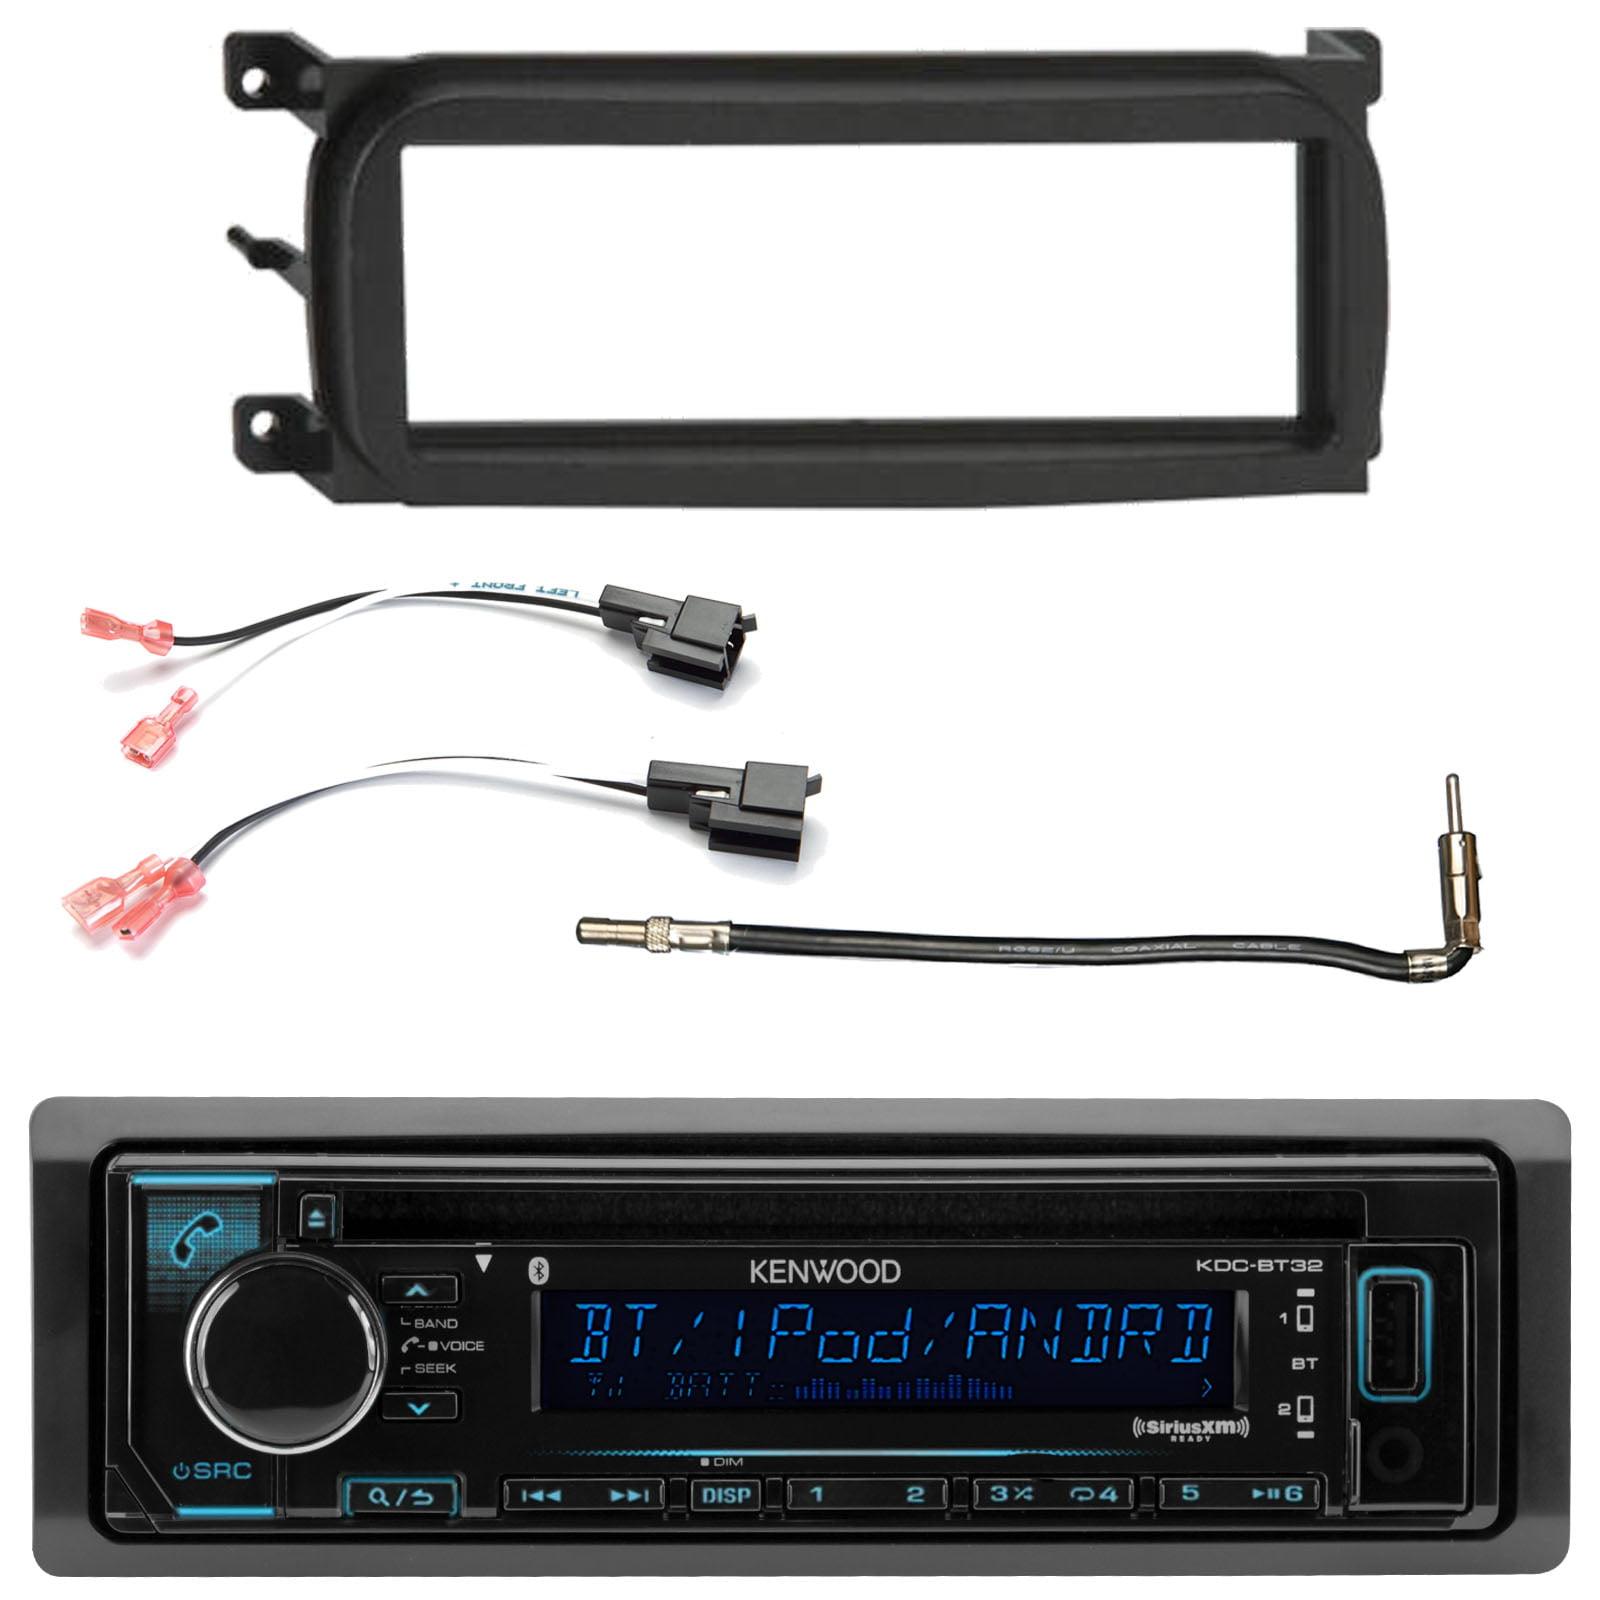 Kenwood In Dash Car Audio CD Bluetooth SiriusXM Ready Receiver, Enrock Single-DIN Dash Kit , Metra 2 Pin Rectangular Speaker Connector, Metra Antenna Adapter (Select 2001-2009 Vehicles)